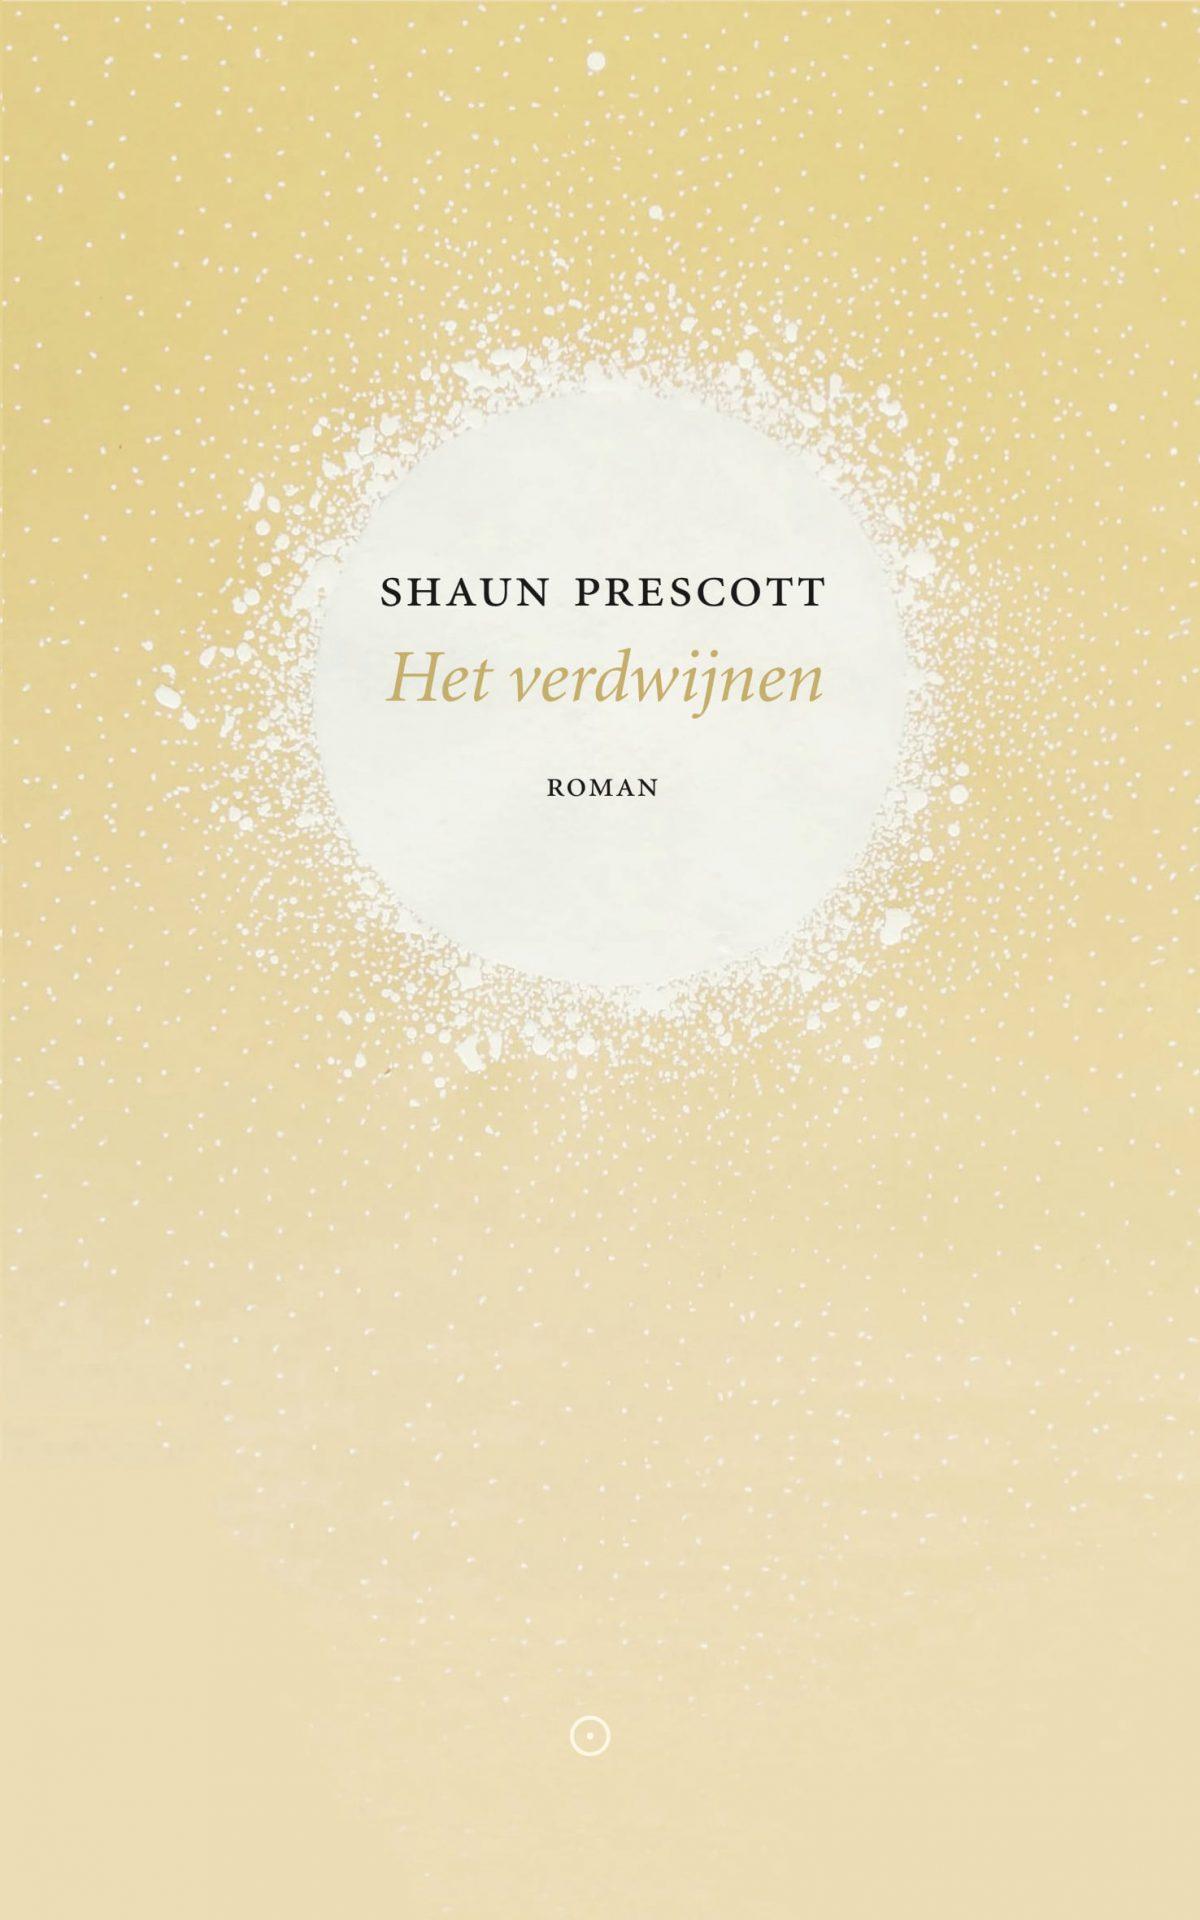 Het verdwijnen – Shaun Prescott